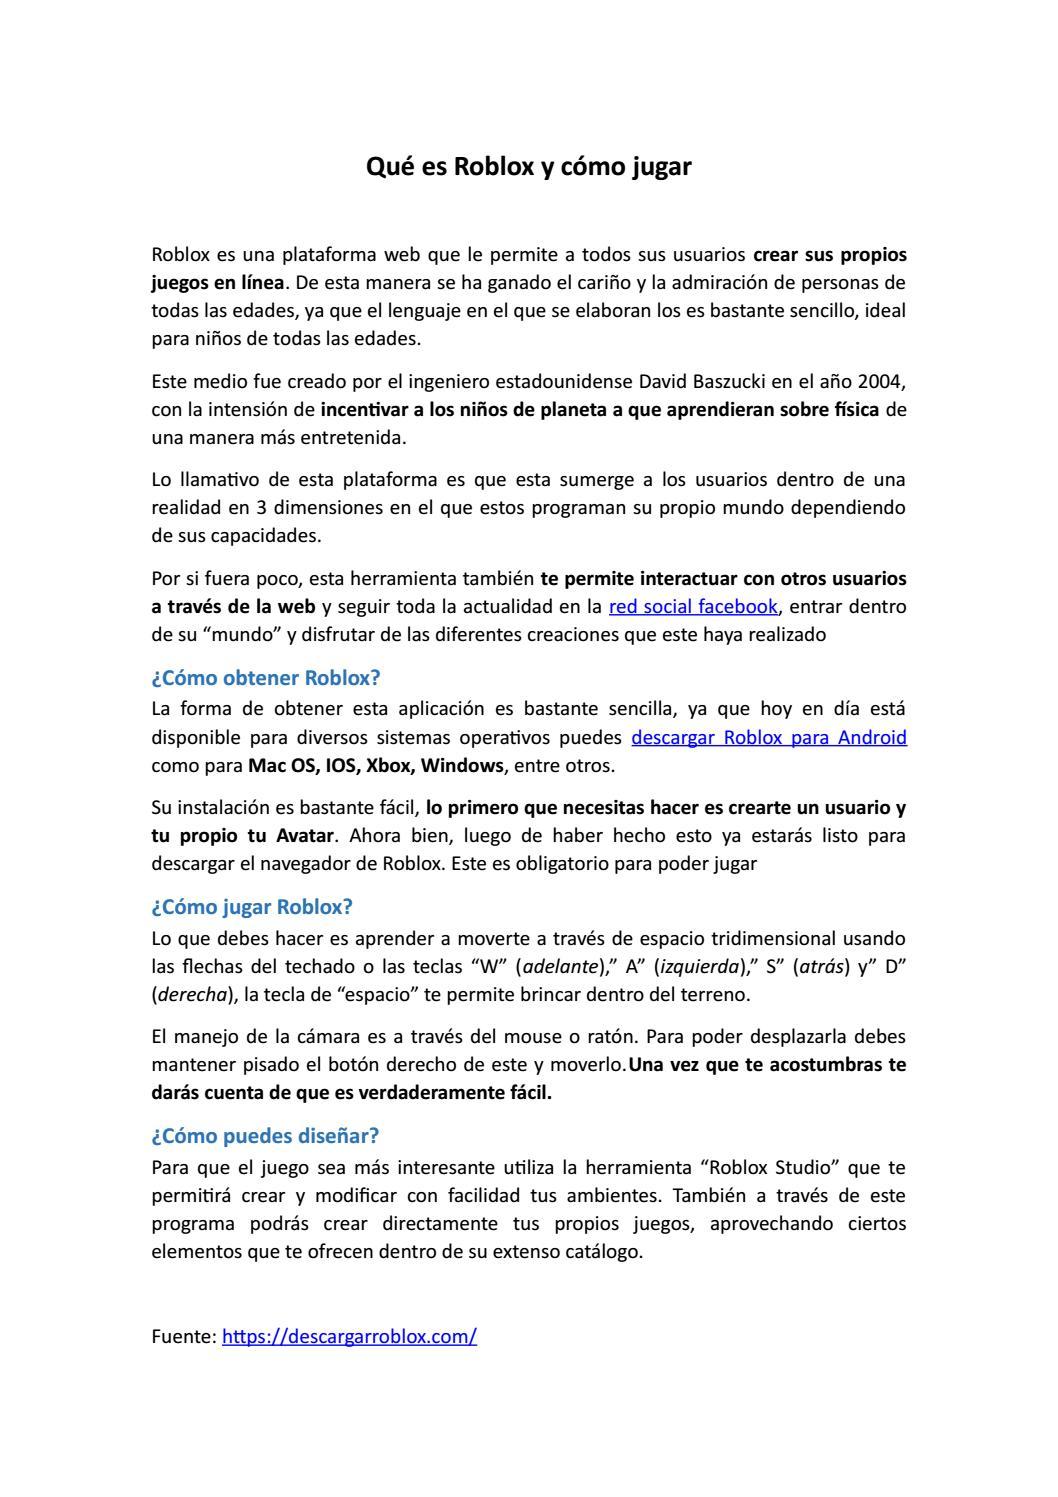 Qué es Roblox y cómo jugar by Descargar Roblox - issuu